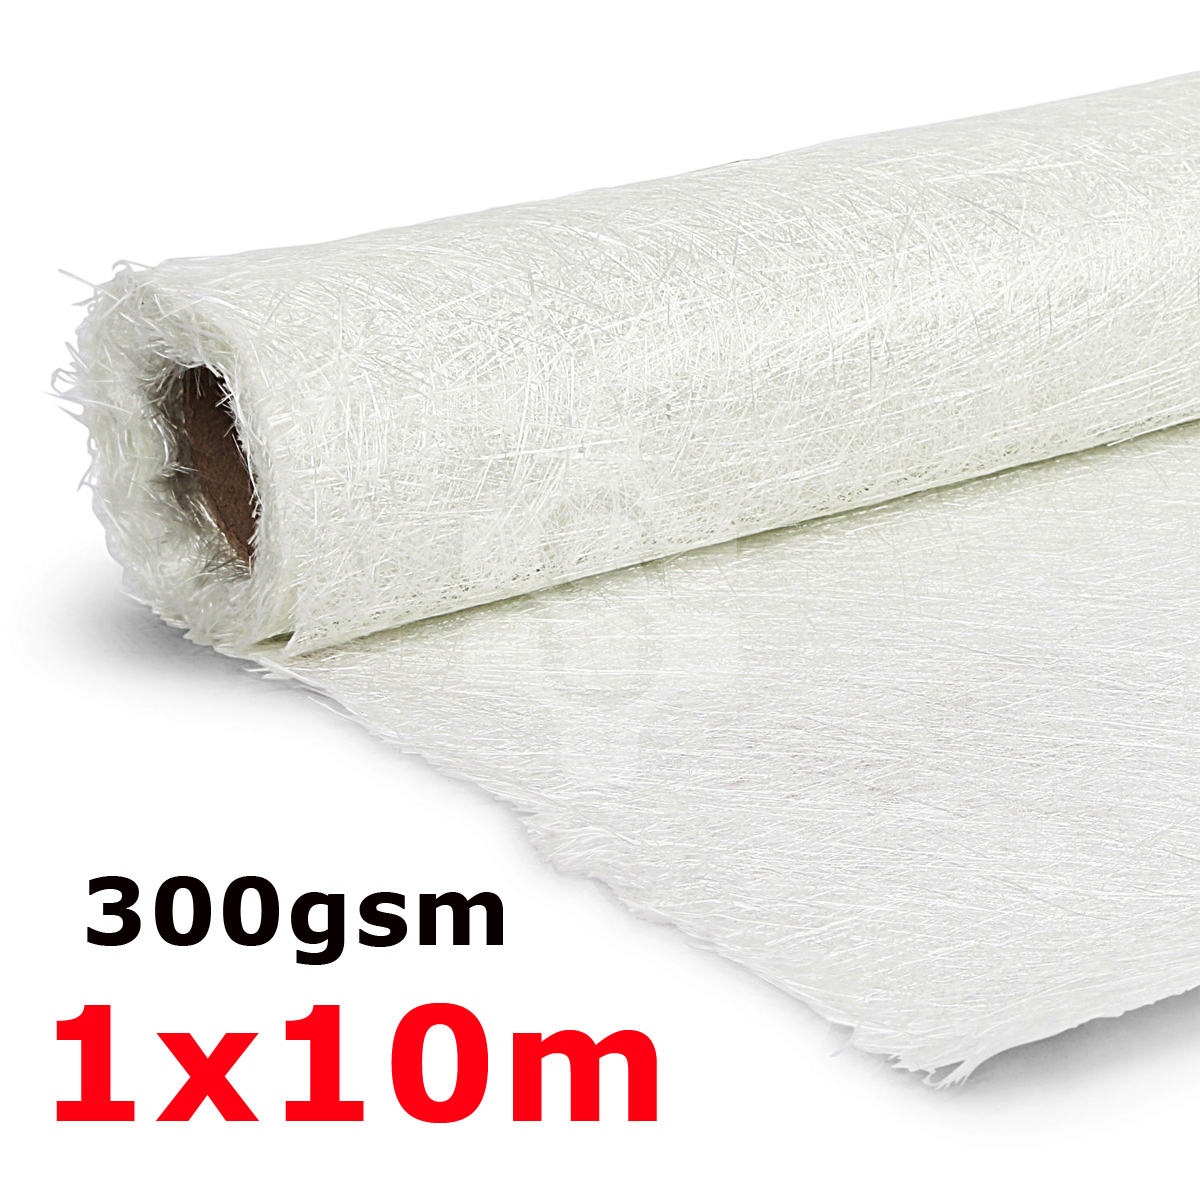 1 m * 10 m 300gsm Mat En Fiber De Verre Fiber De Verre Coupe De Fibers Tissu Alcalin-livraison En Fiber De Verre Hachées Brin tapis pour GRP Résine